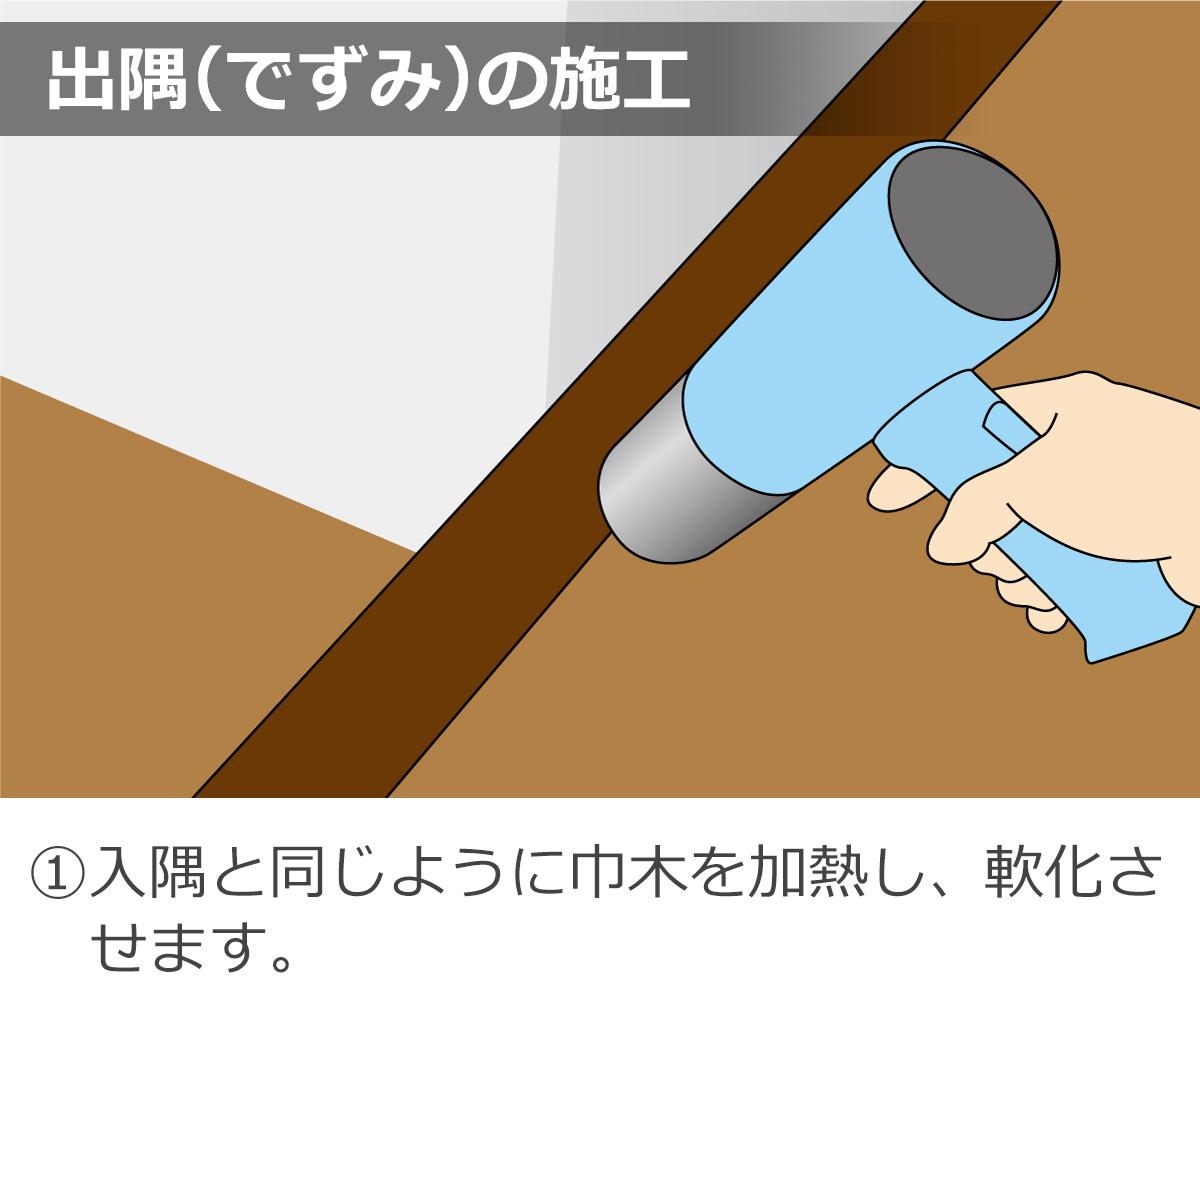 出隅(でずみ)の施工 1・入隅と同じように巾木を加熱し、軟化させます。